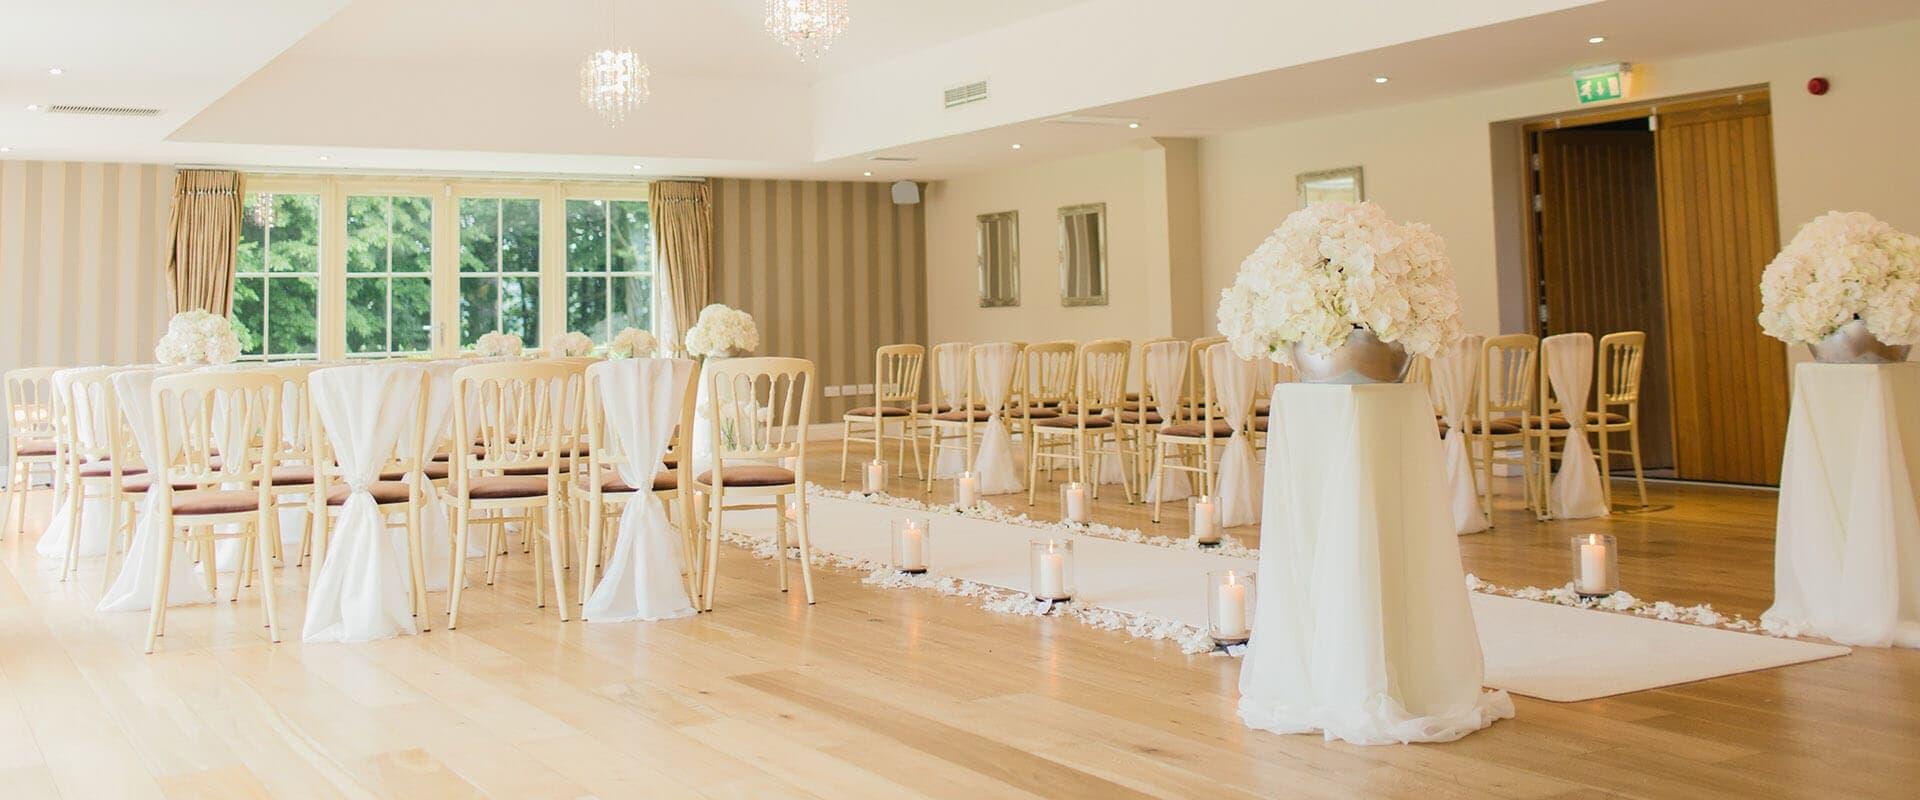 Banquet Hall Venues